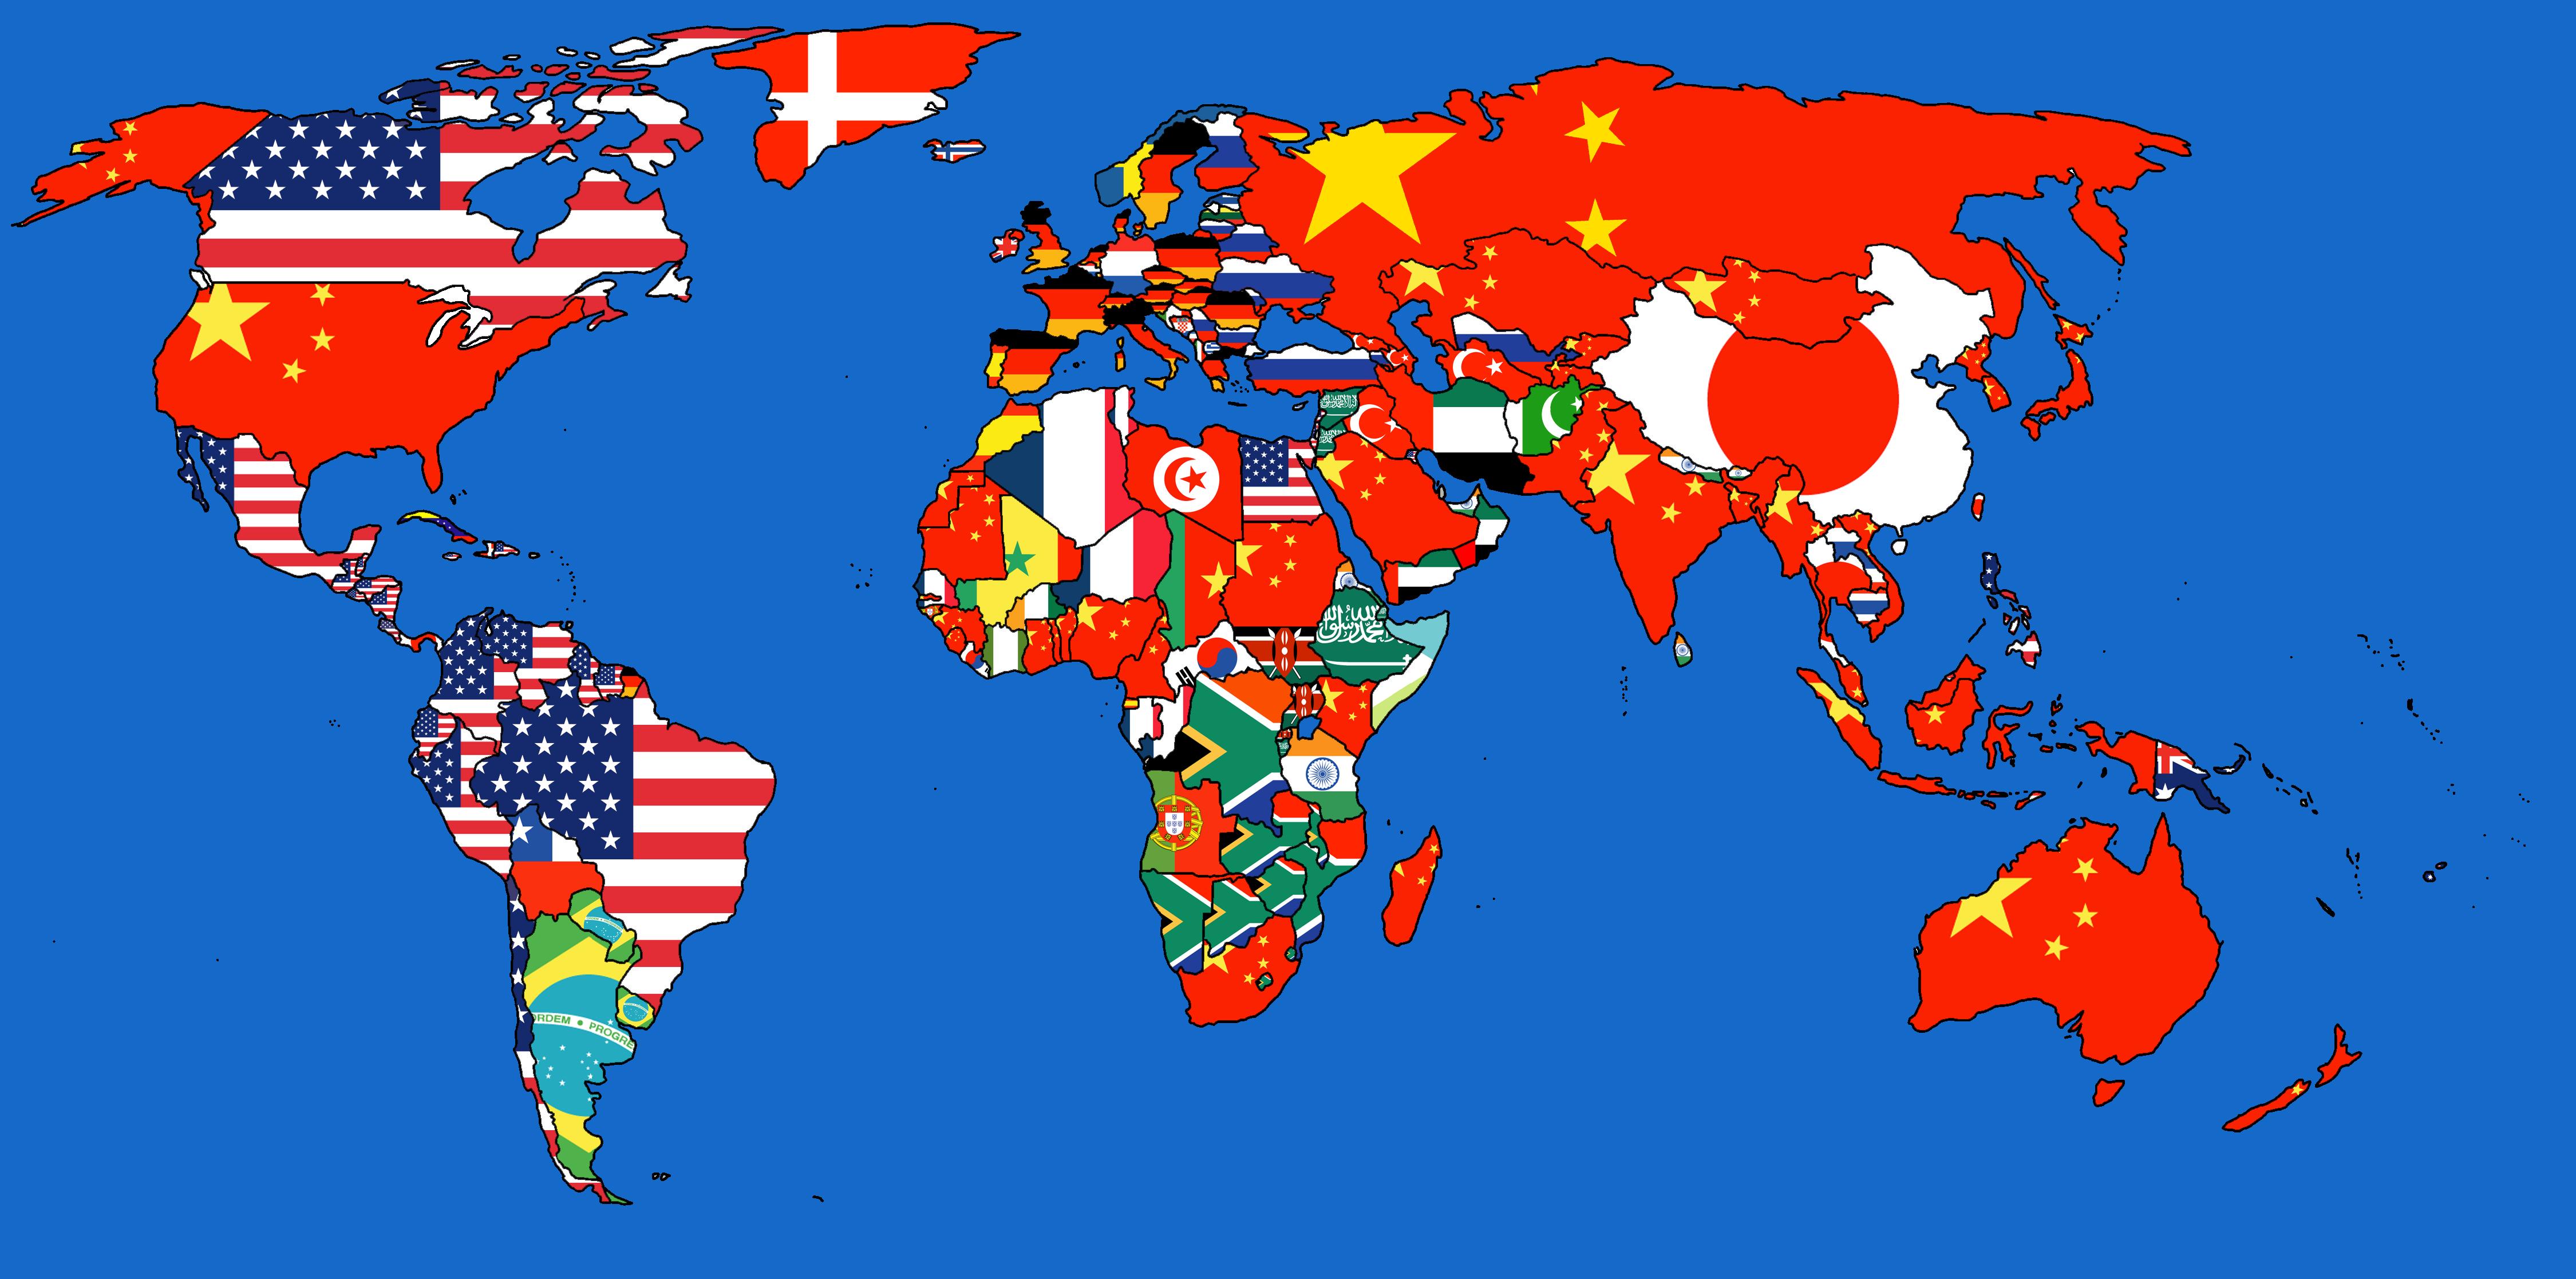 インフォグラフィック:世界が最も頼る輸入国は中国。その大国が最も頼っているのは日本